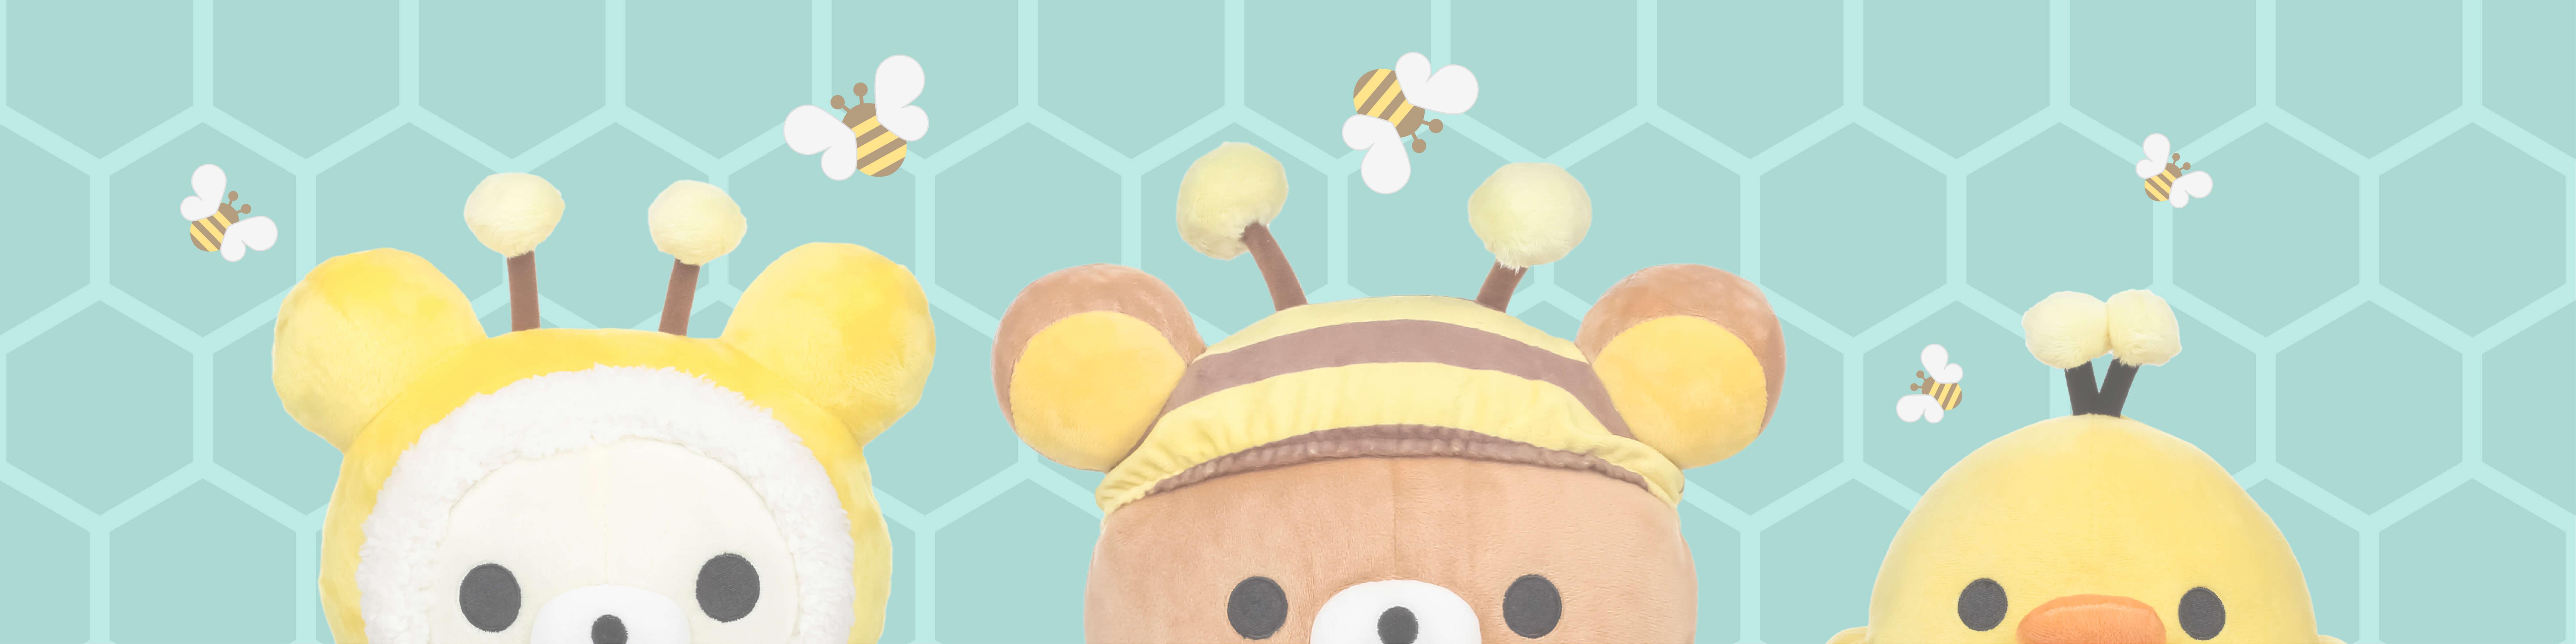 bee-series.jpg